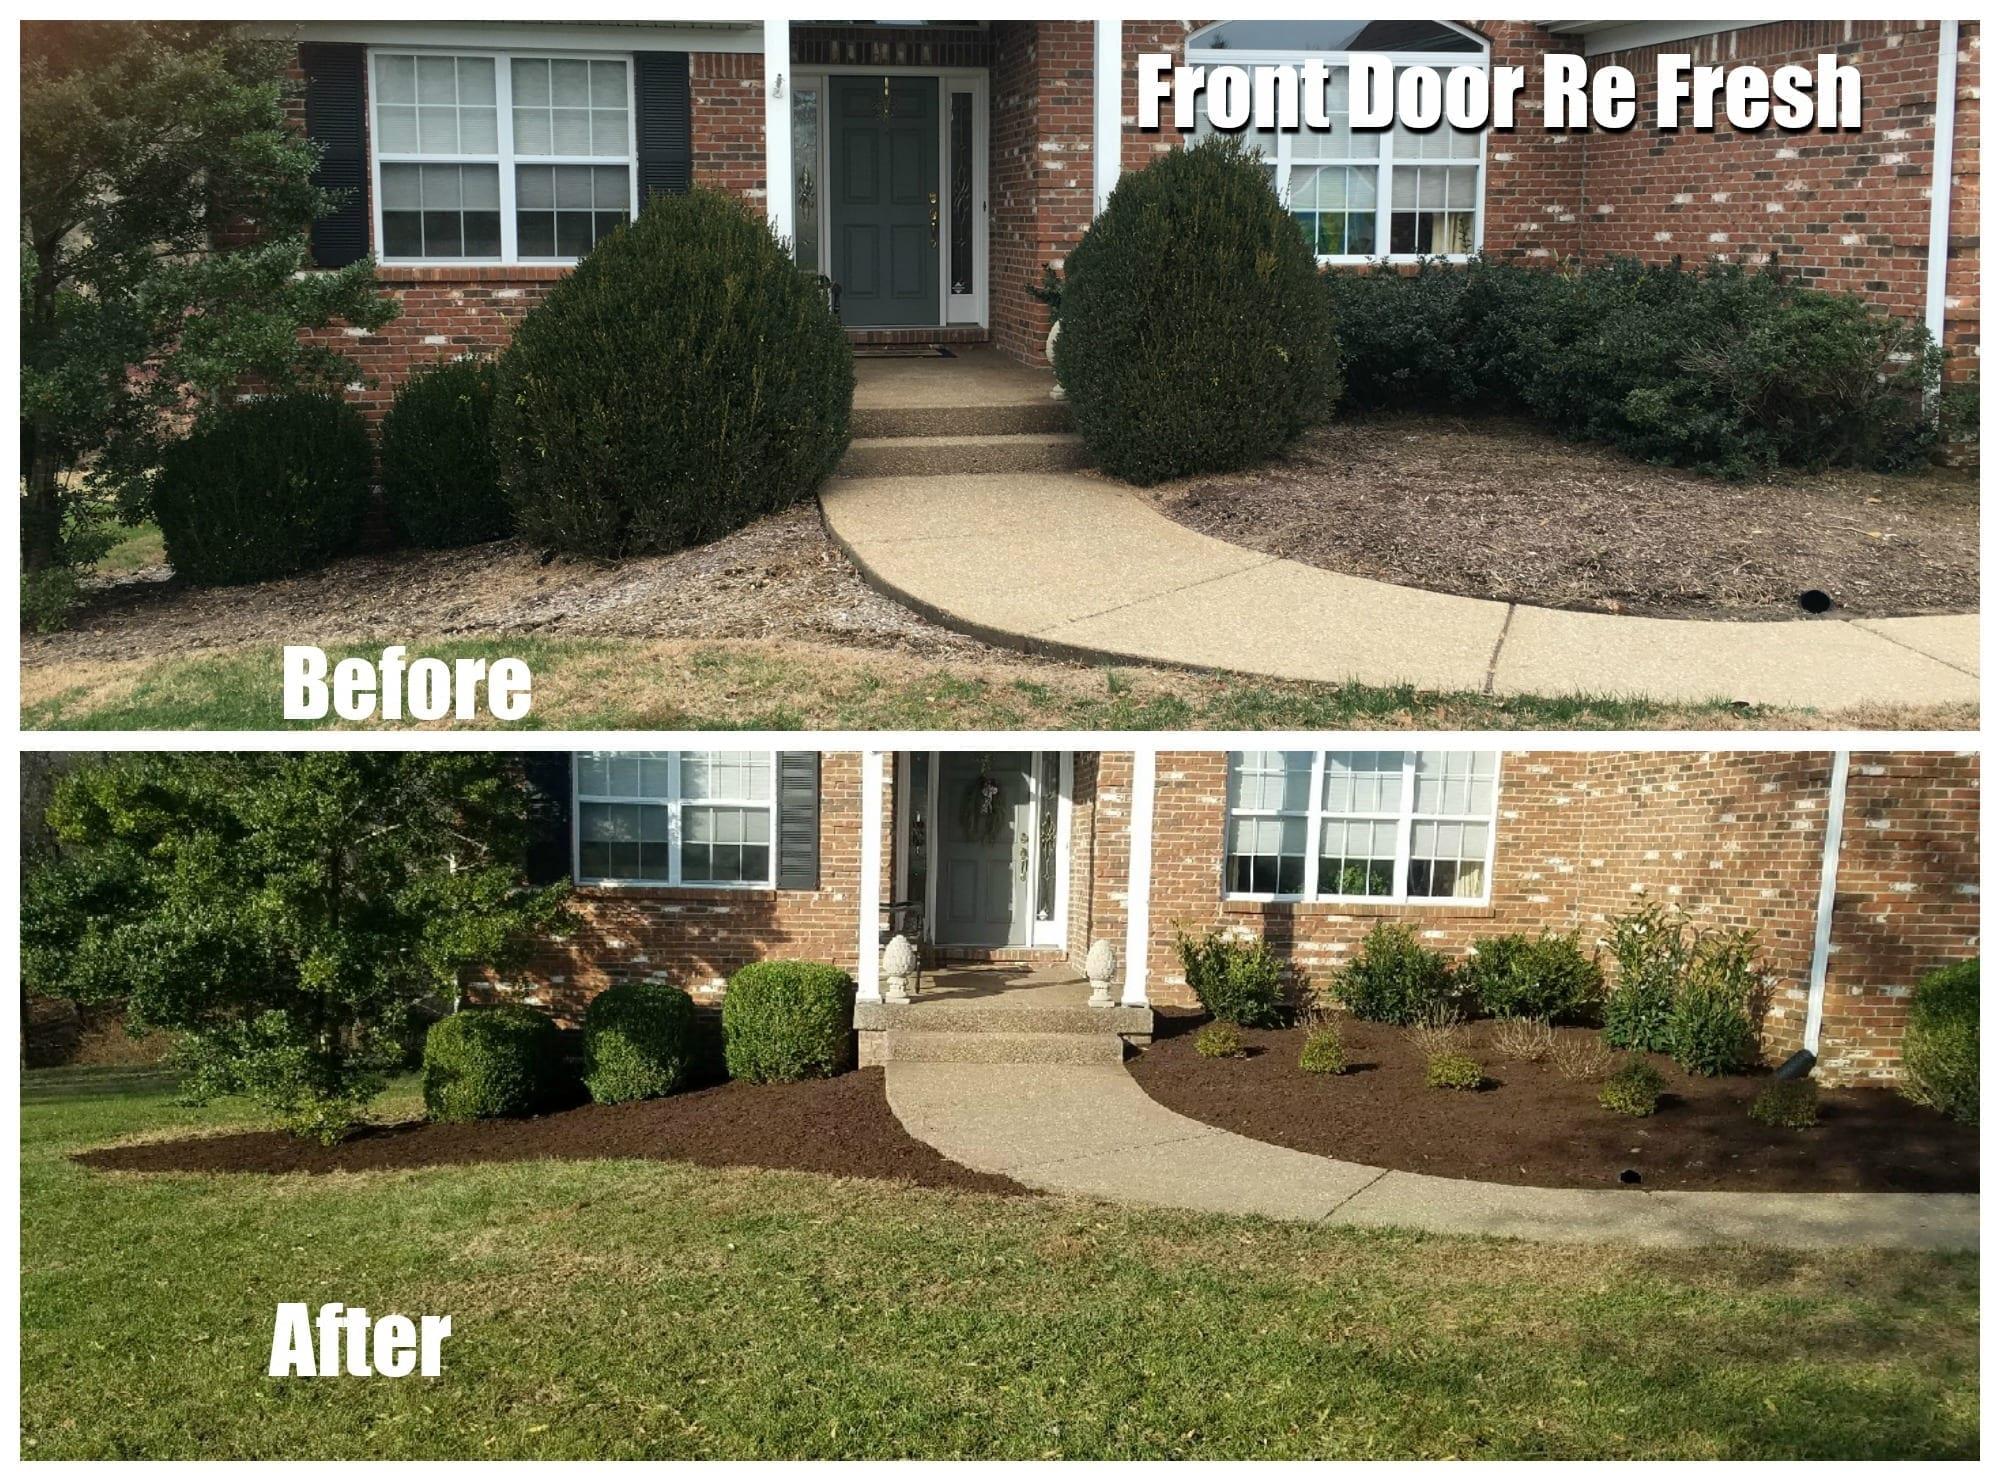 Front door refresh landscaping